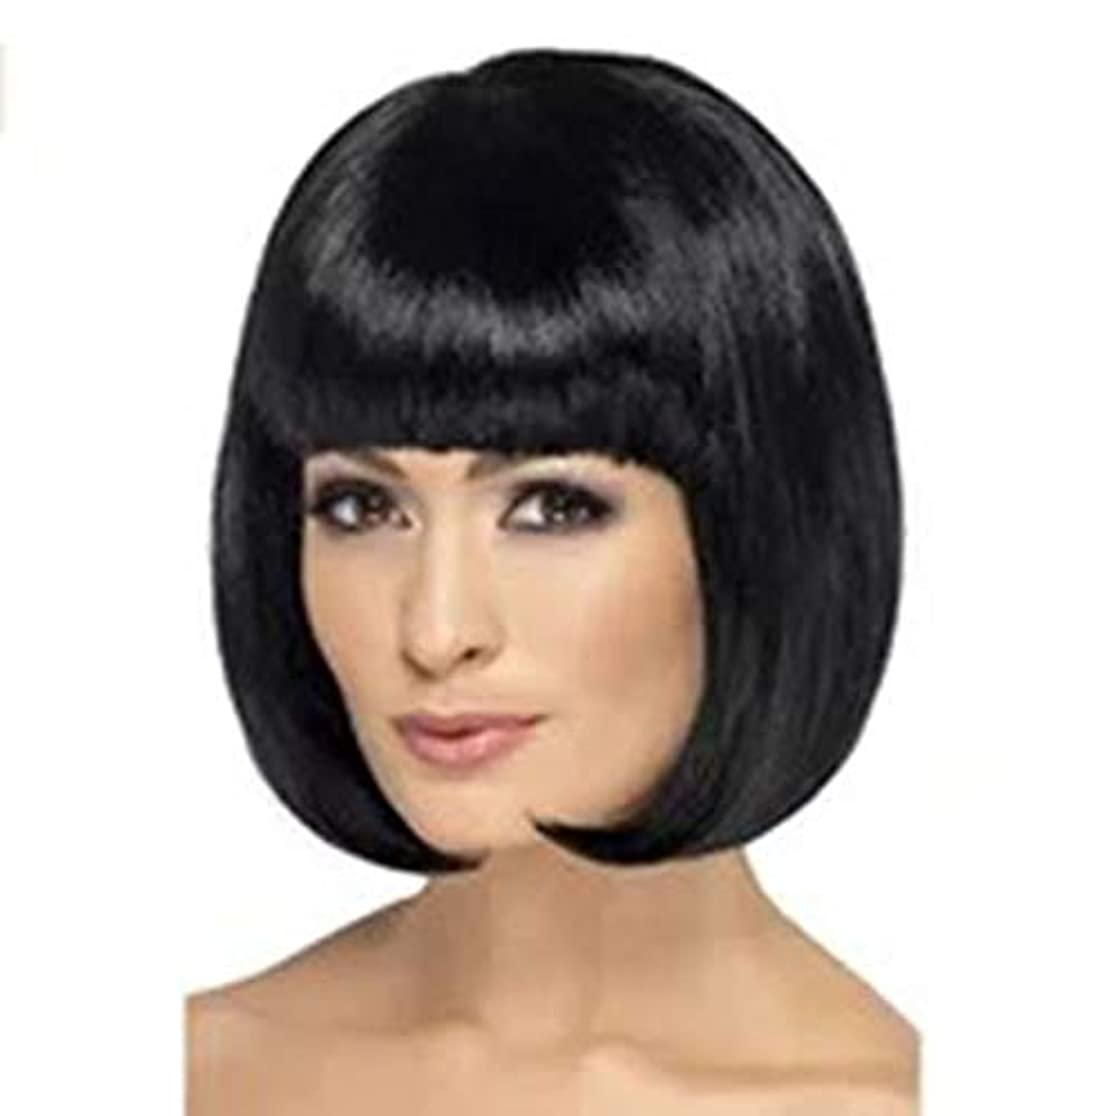 恐怖症合理的周術期Kerwinner ボブかつら女性のための平らな前髪ふわふわ自然耐熱交換かつら完全な合成かつら